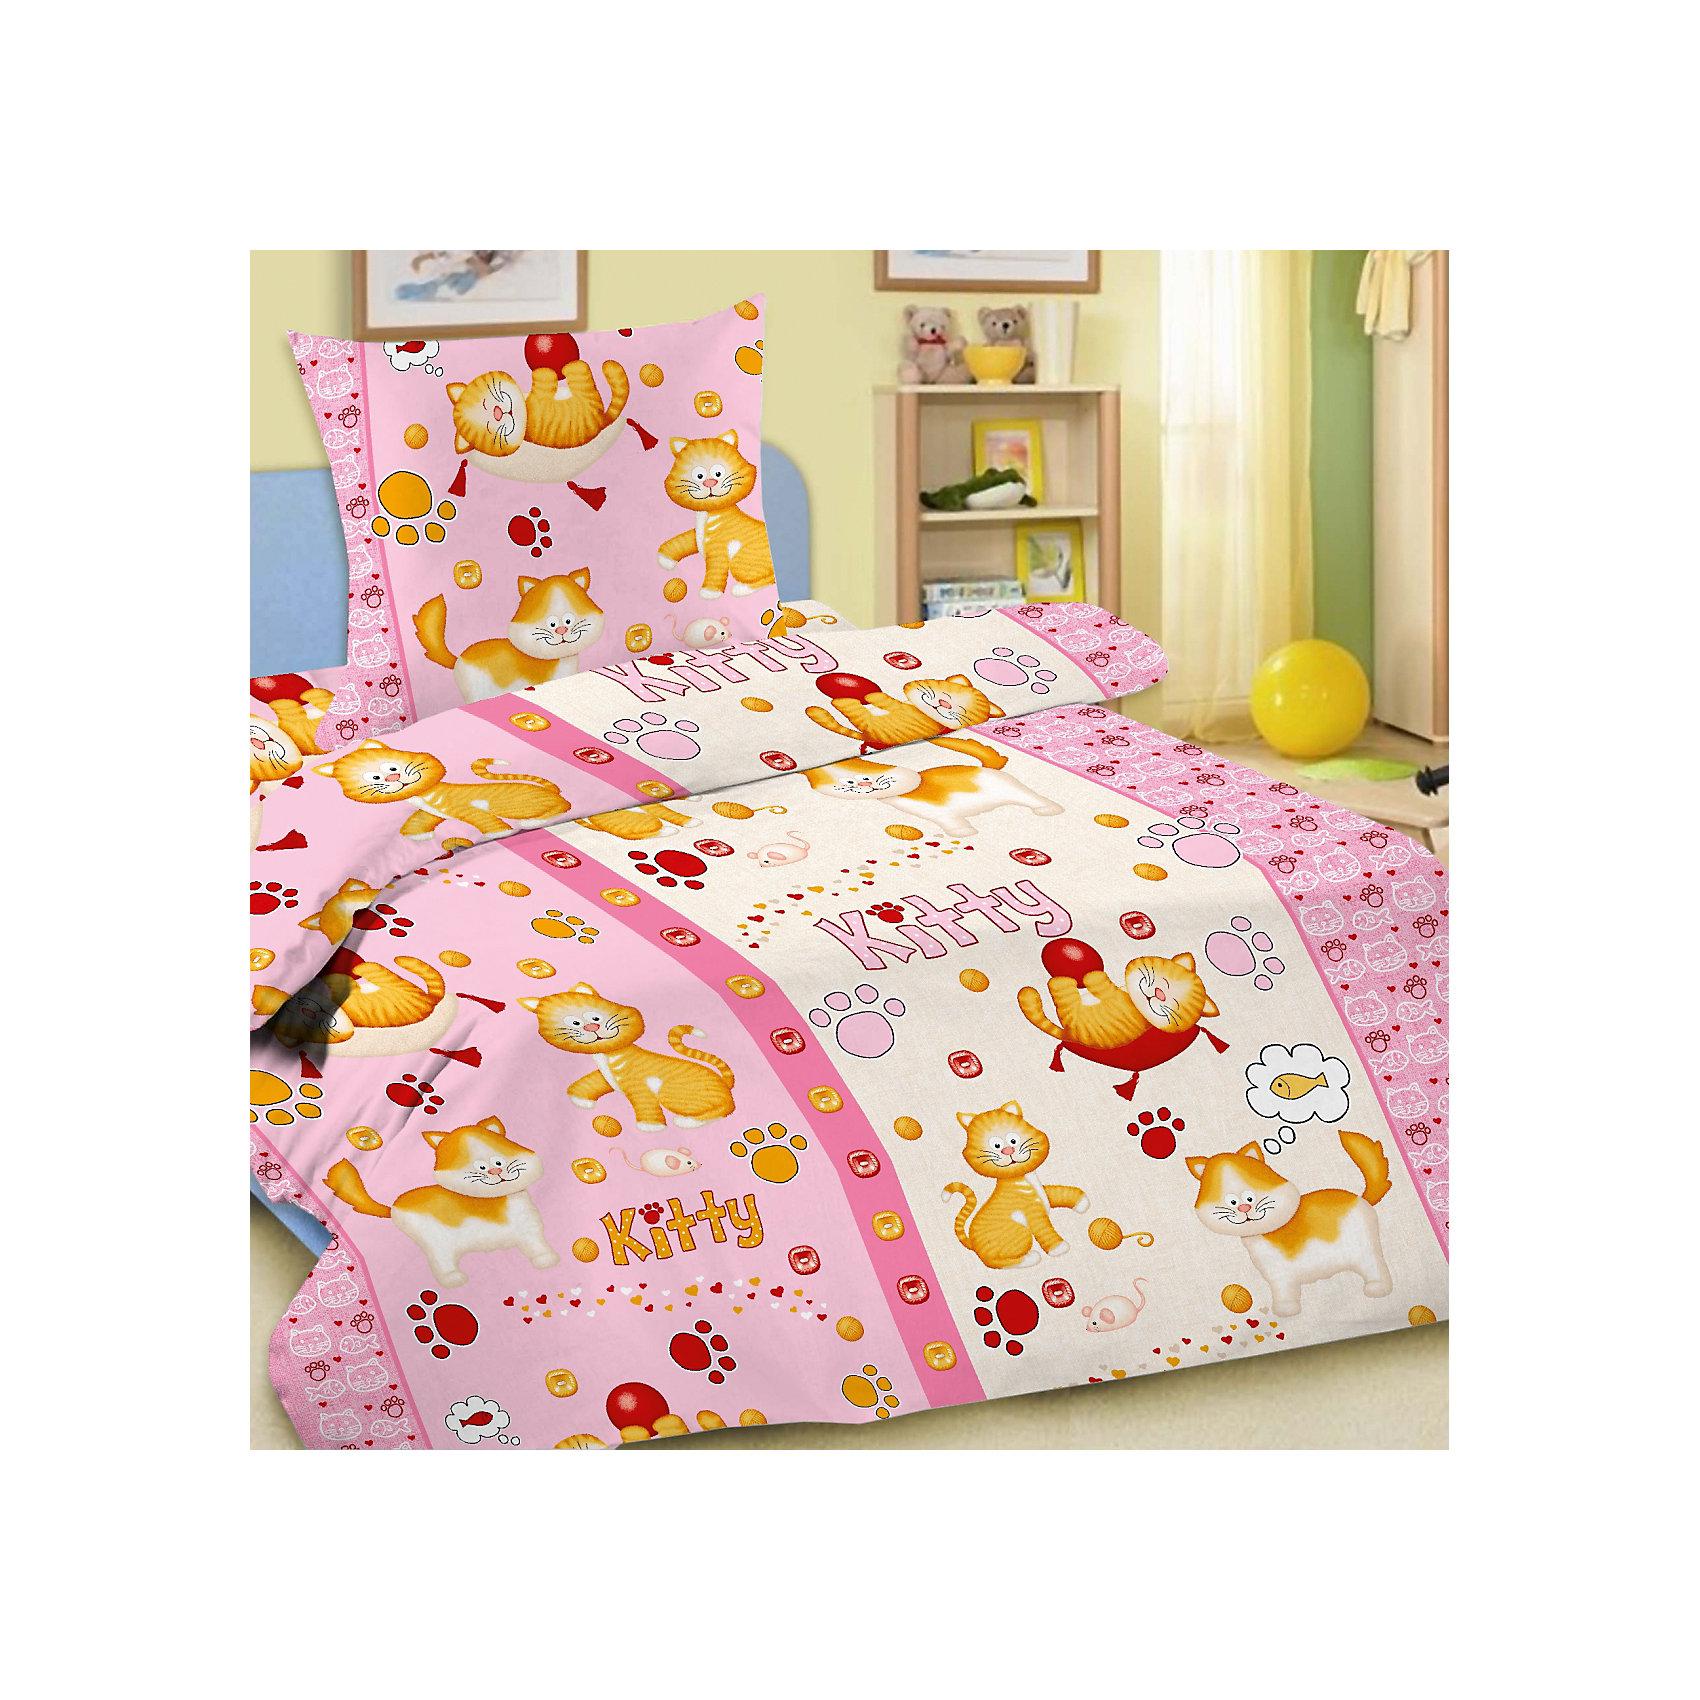 Letto Комплект Китти 1,5-спальный (наволочка 50х70), розовый комплект сакура розовый размер 1 5 спальный